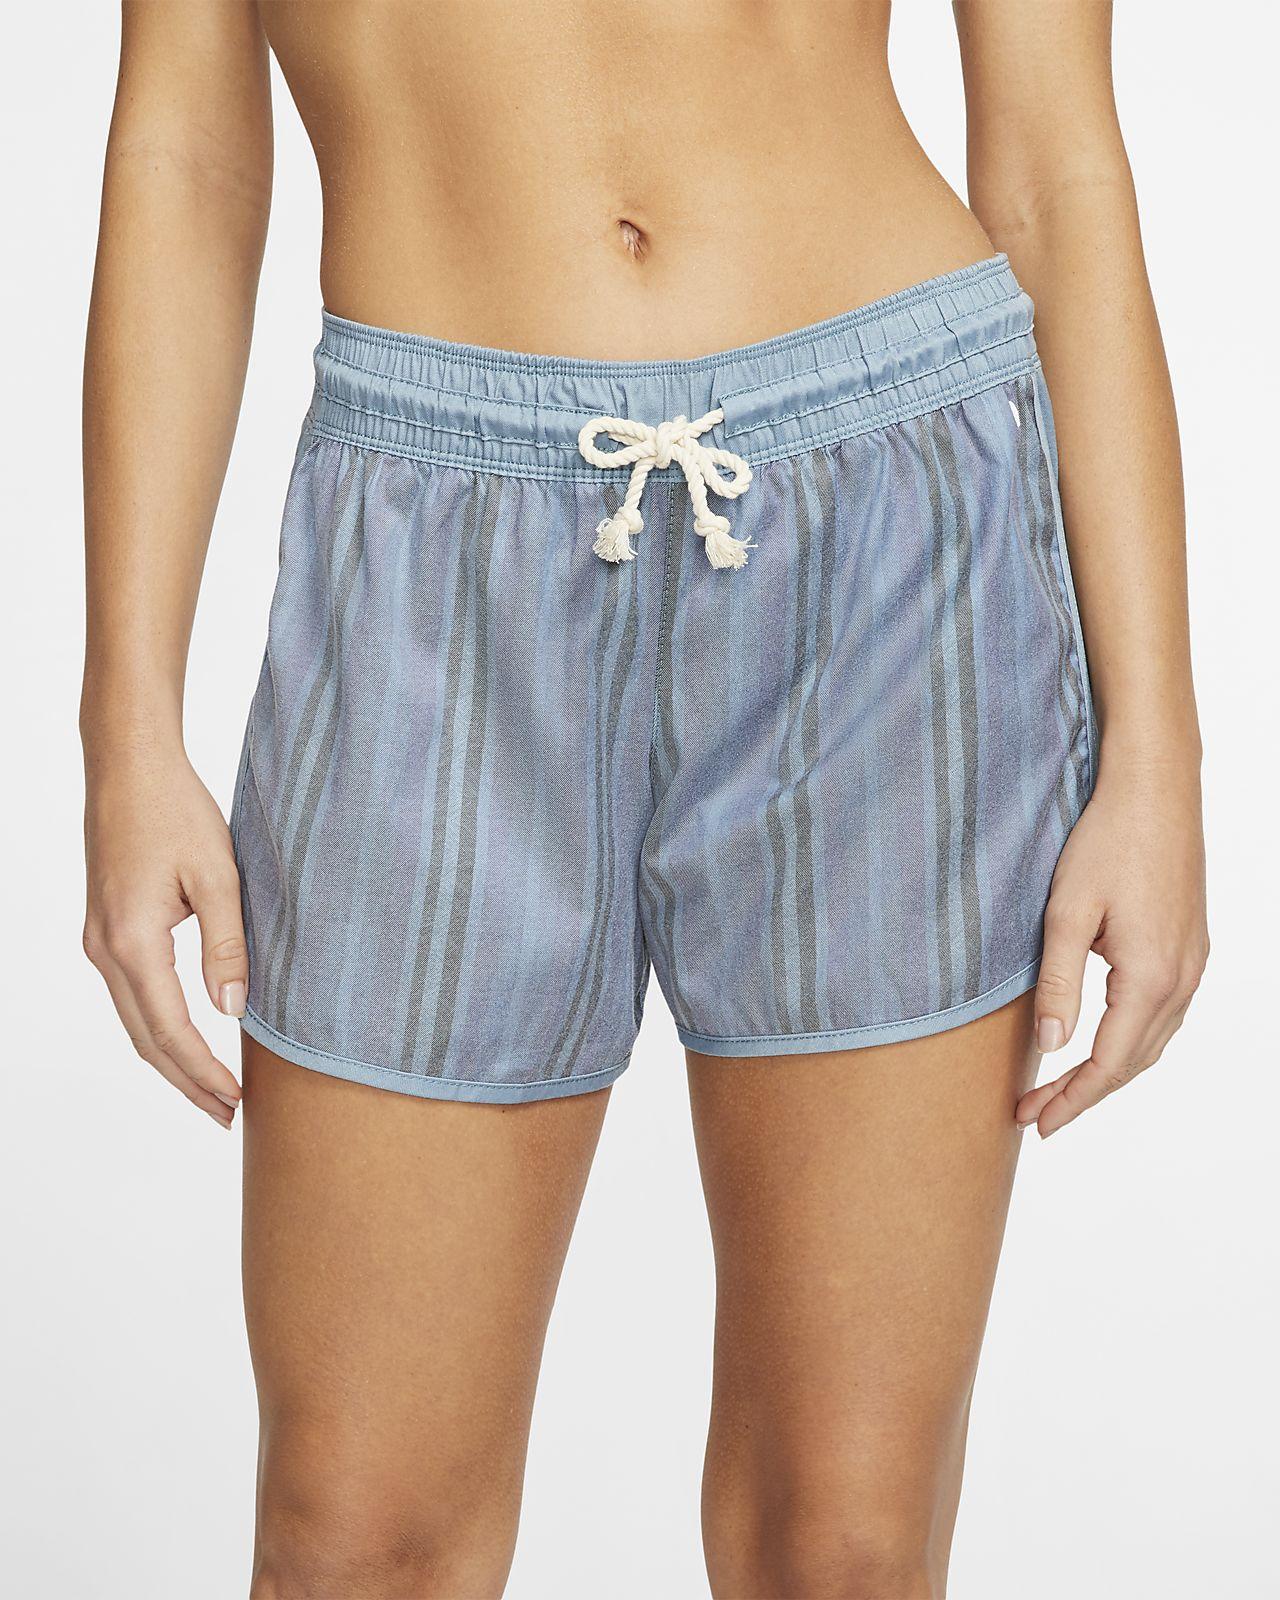 Hurley Herringstripe Women's Board Shorts